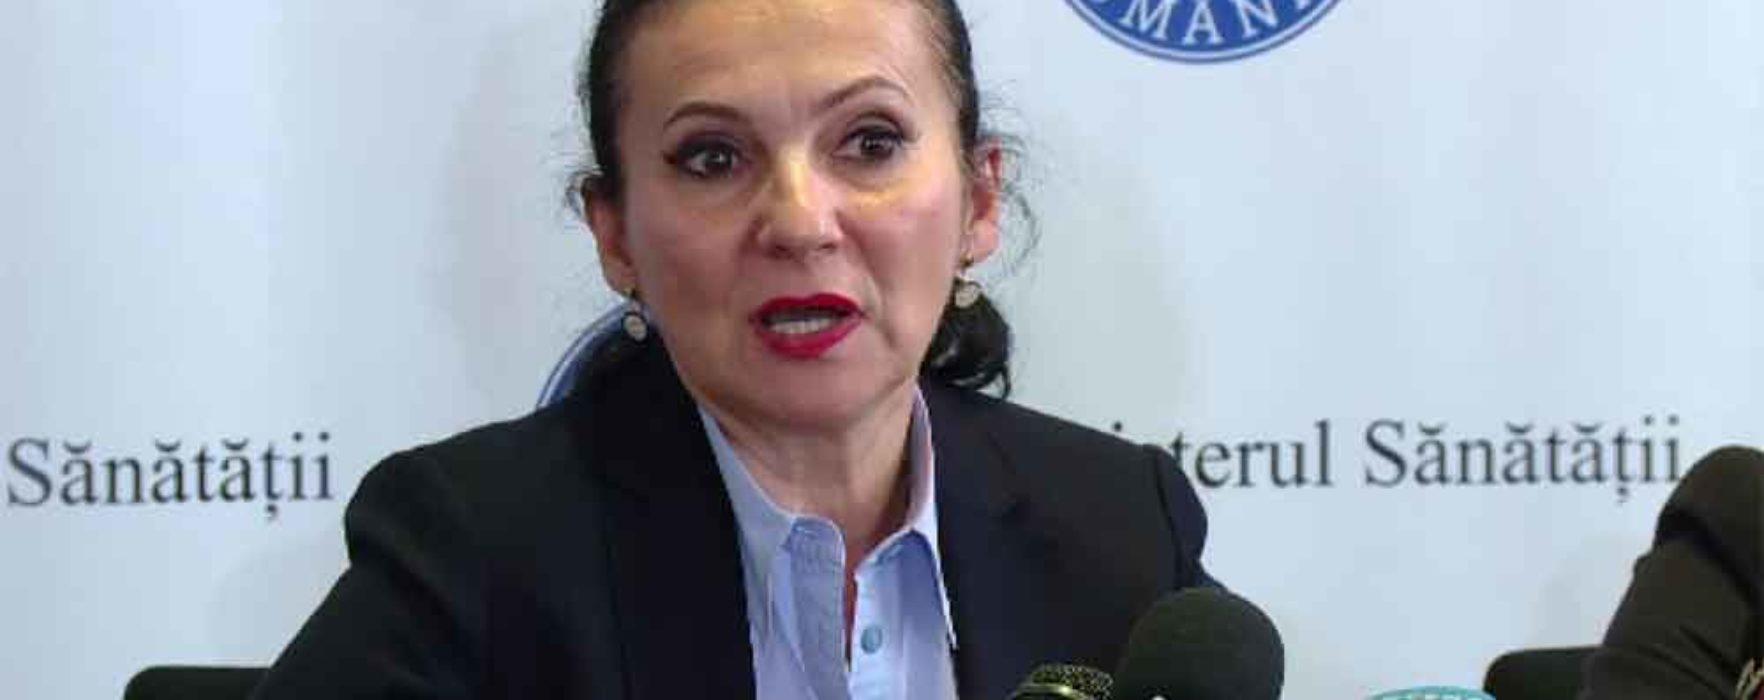 Sorina Pintea, după ce a vizitat Spitalul Pucioasa: Fără o finanţare suficientă, încercăm să lustruim, ceea ce nu e în regulă